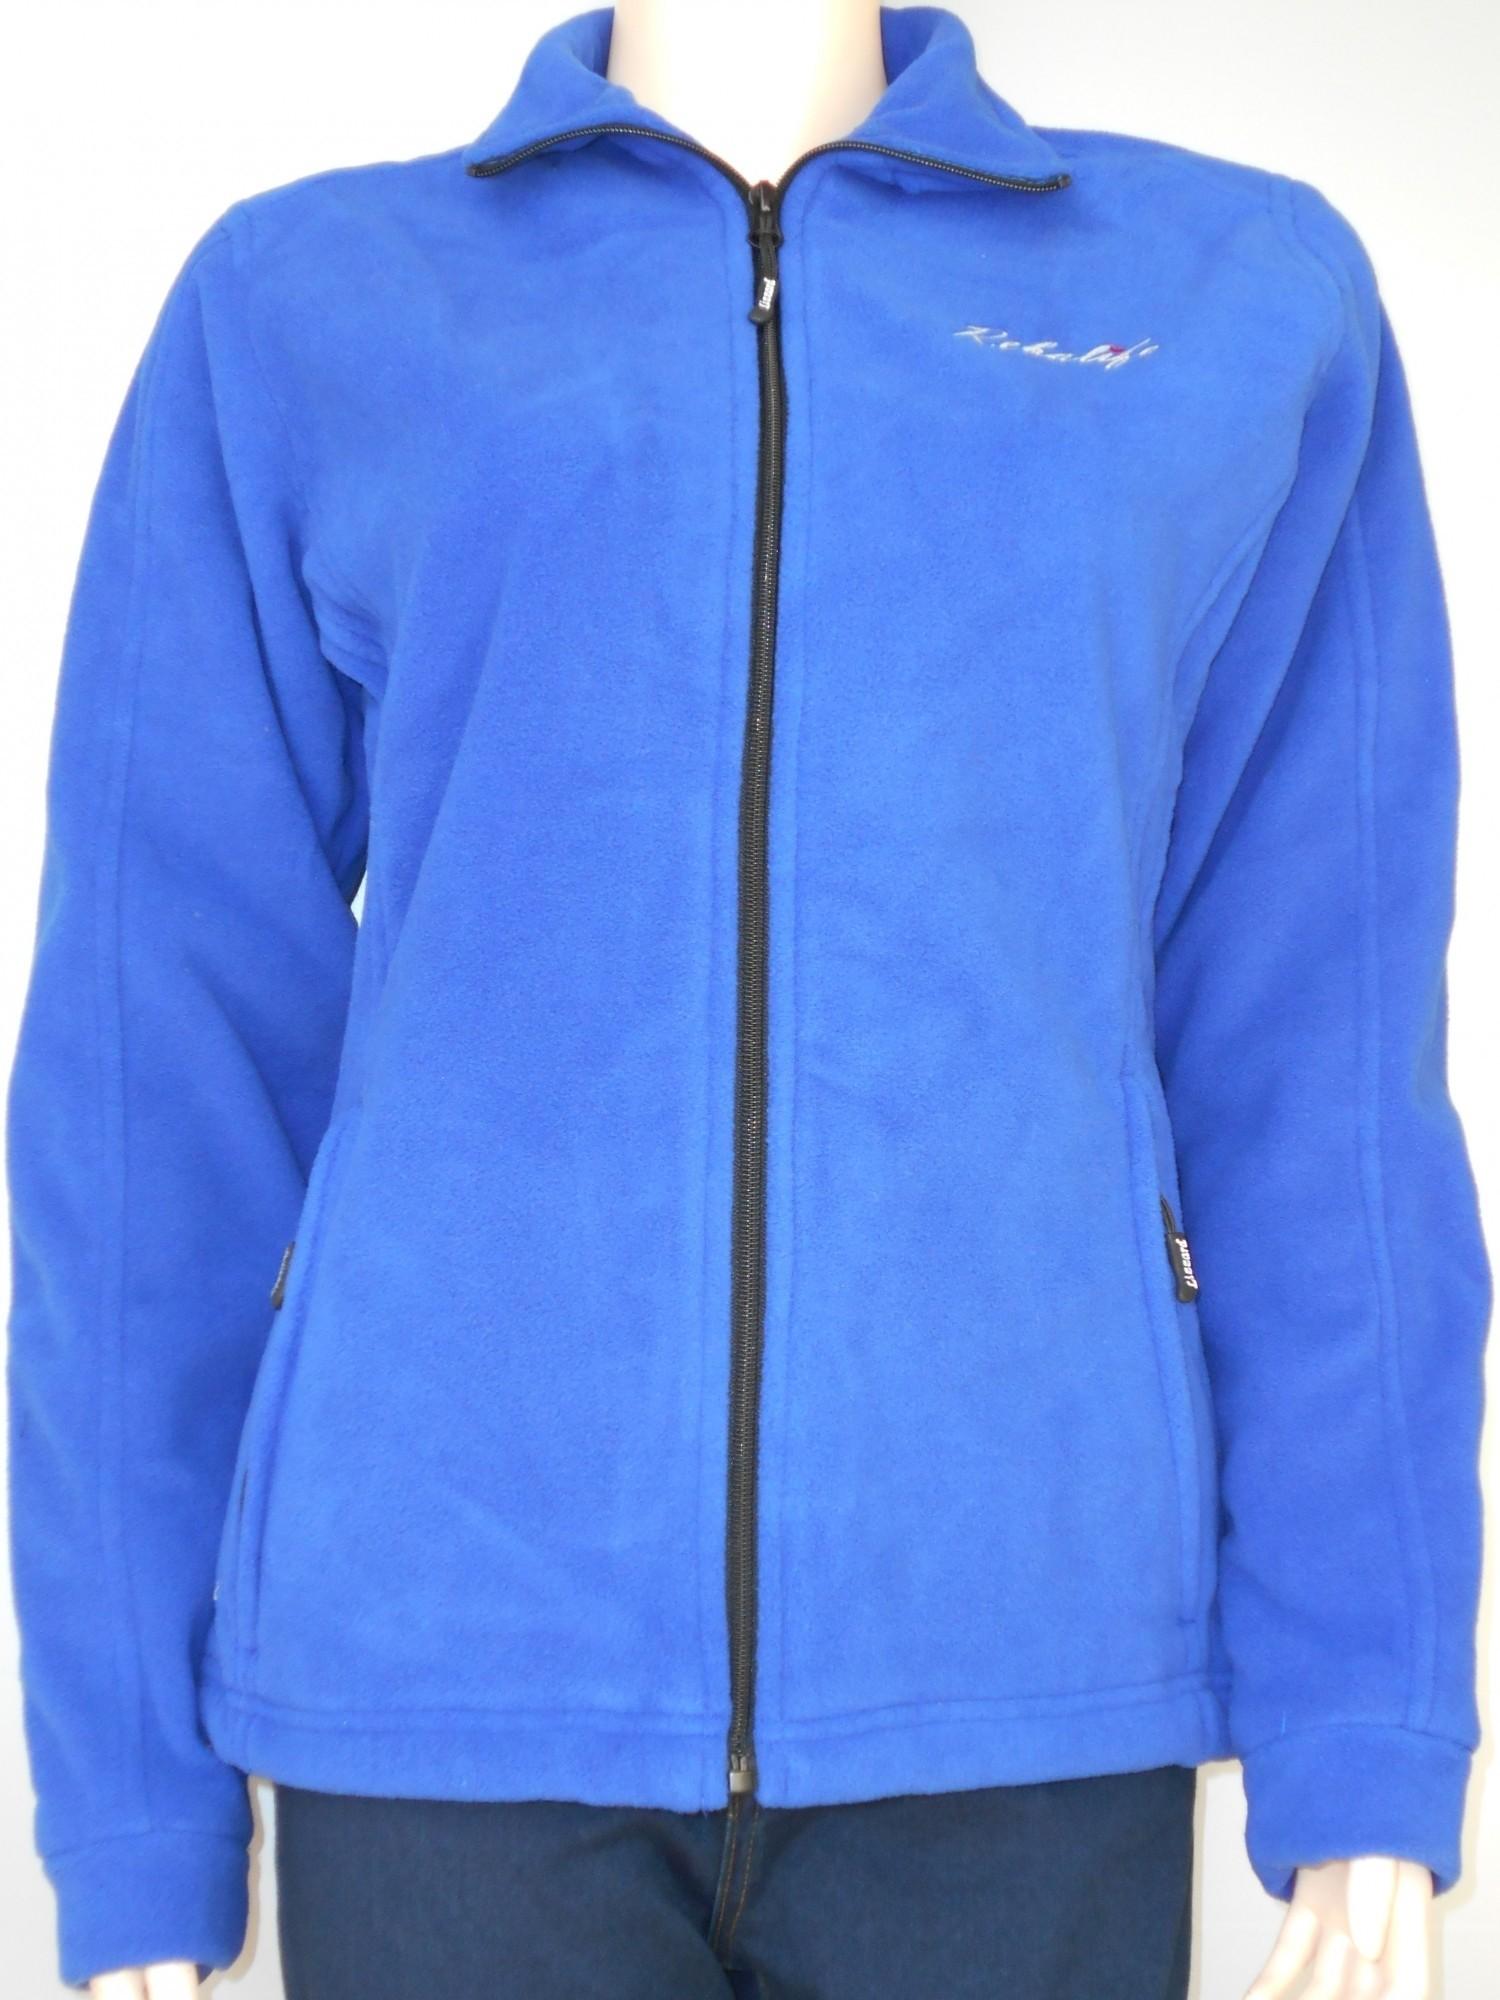 exclusief assortiment heet product maat 40 Lizzard sports dames fleece vest